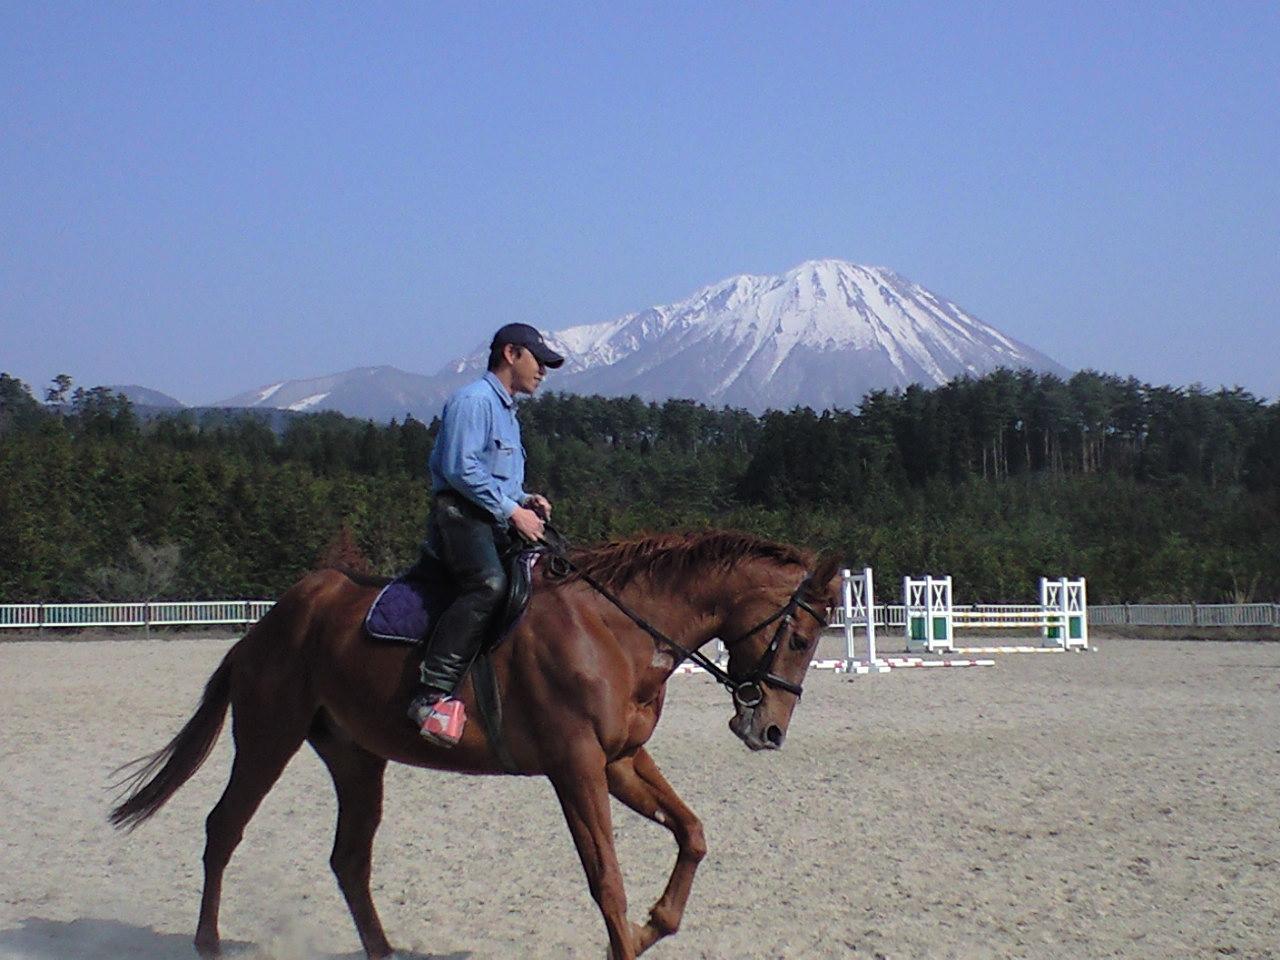 馬に乗って風を感じるフリーダム